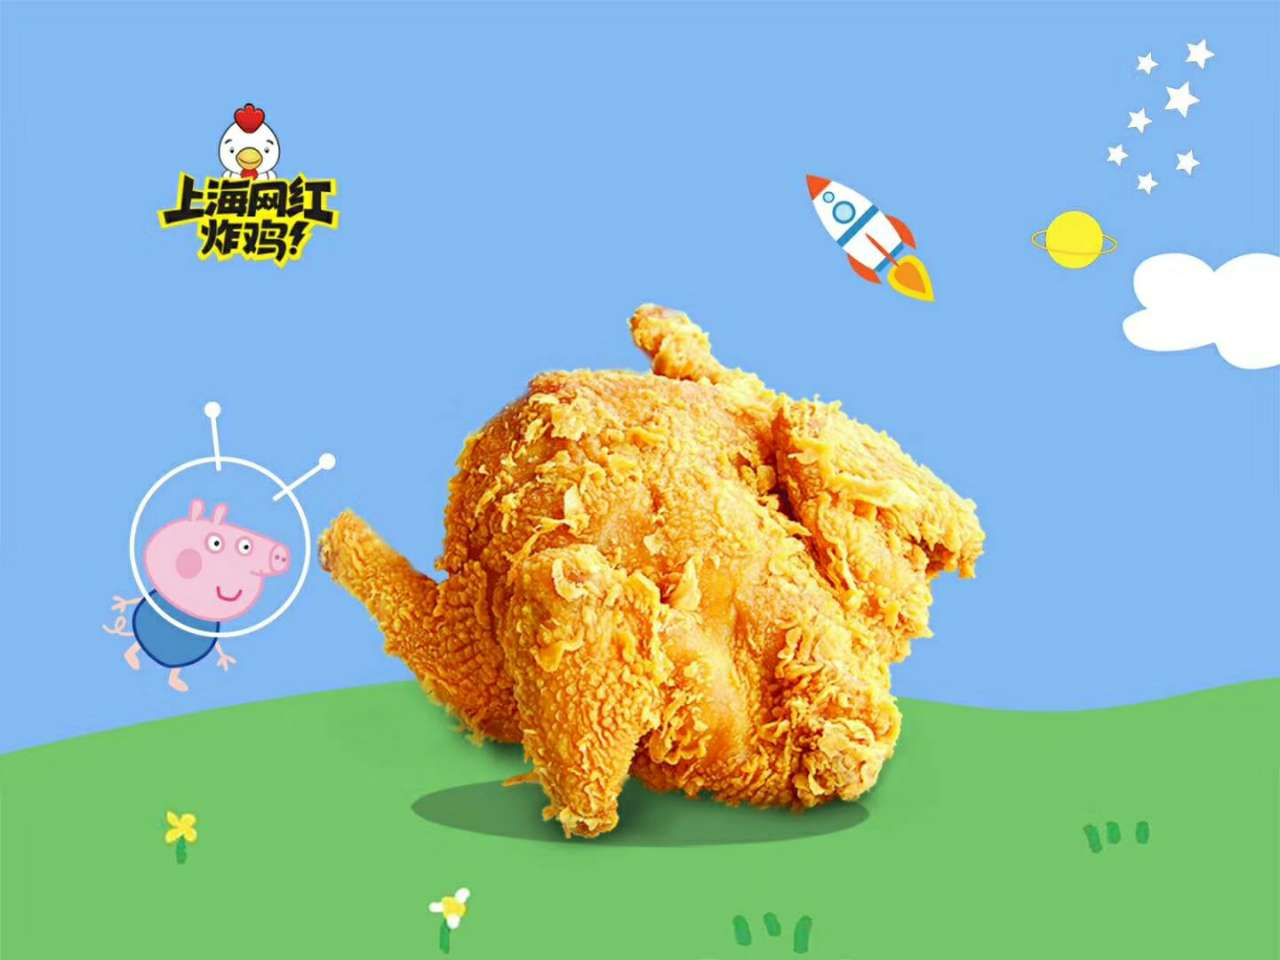 互联网最骚的鸡登陆西宁了